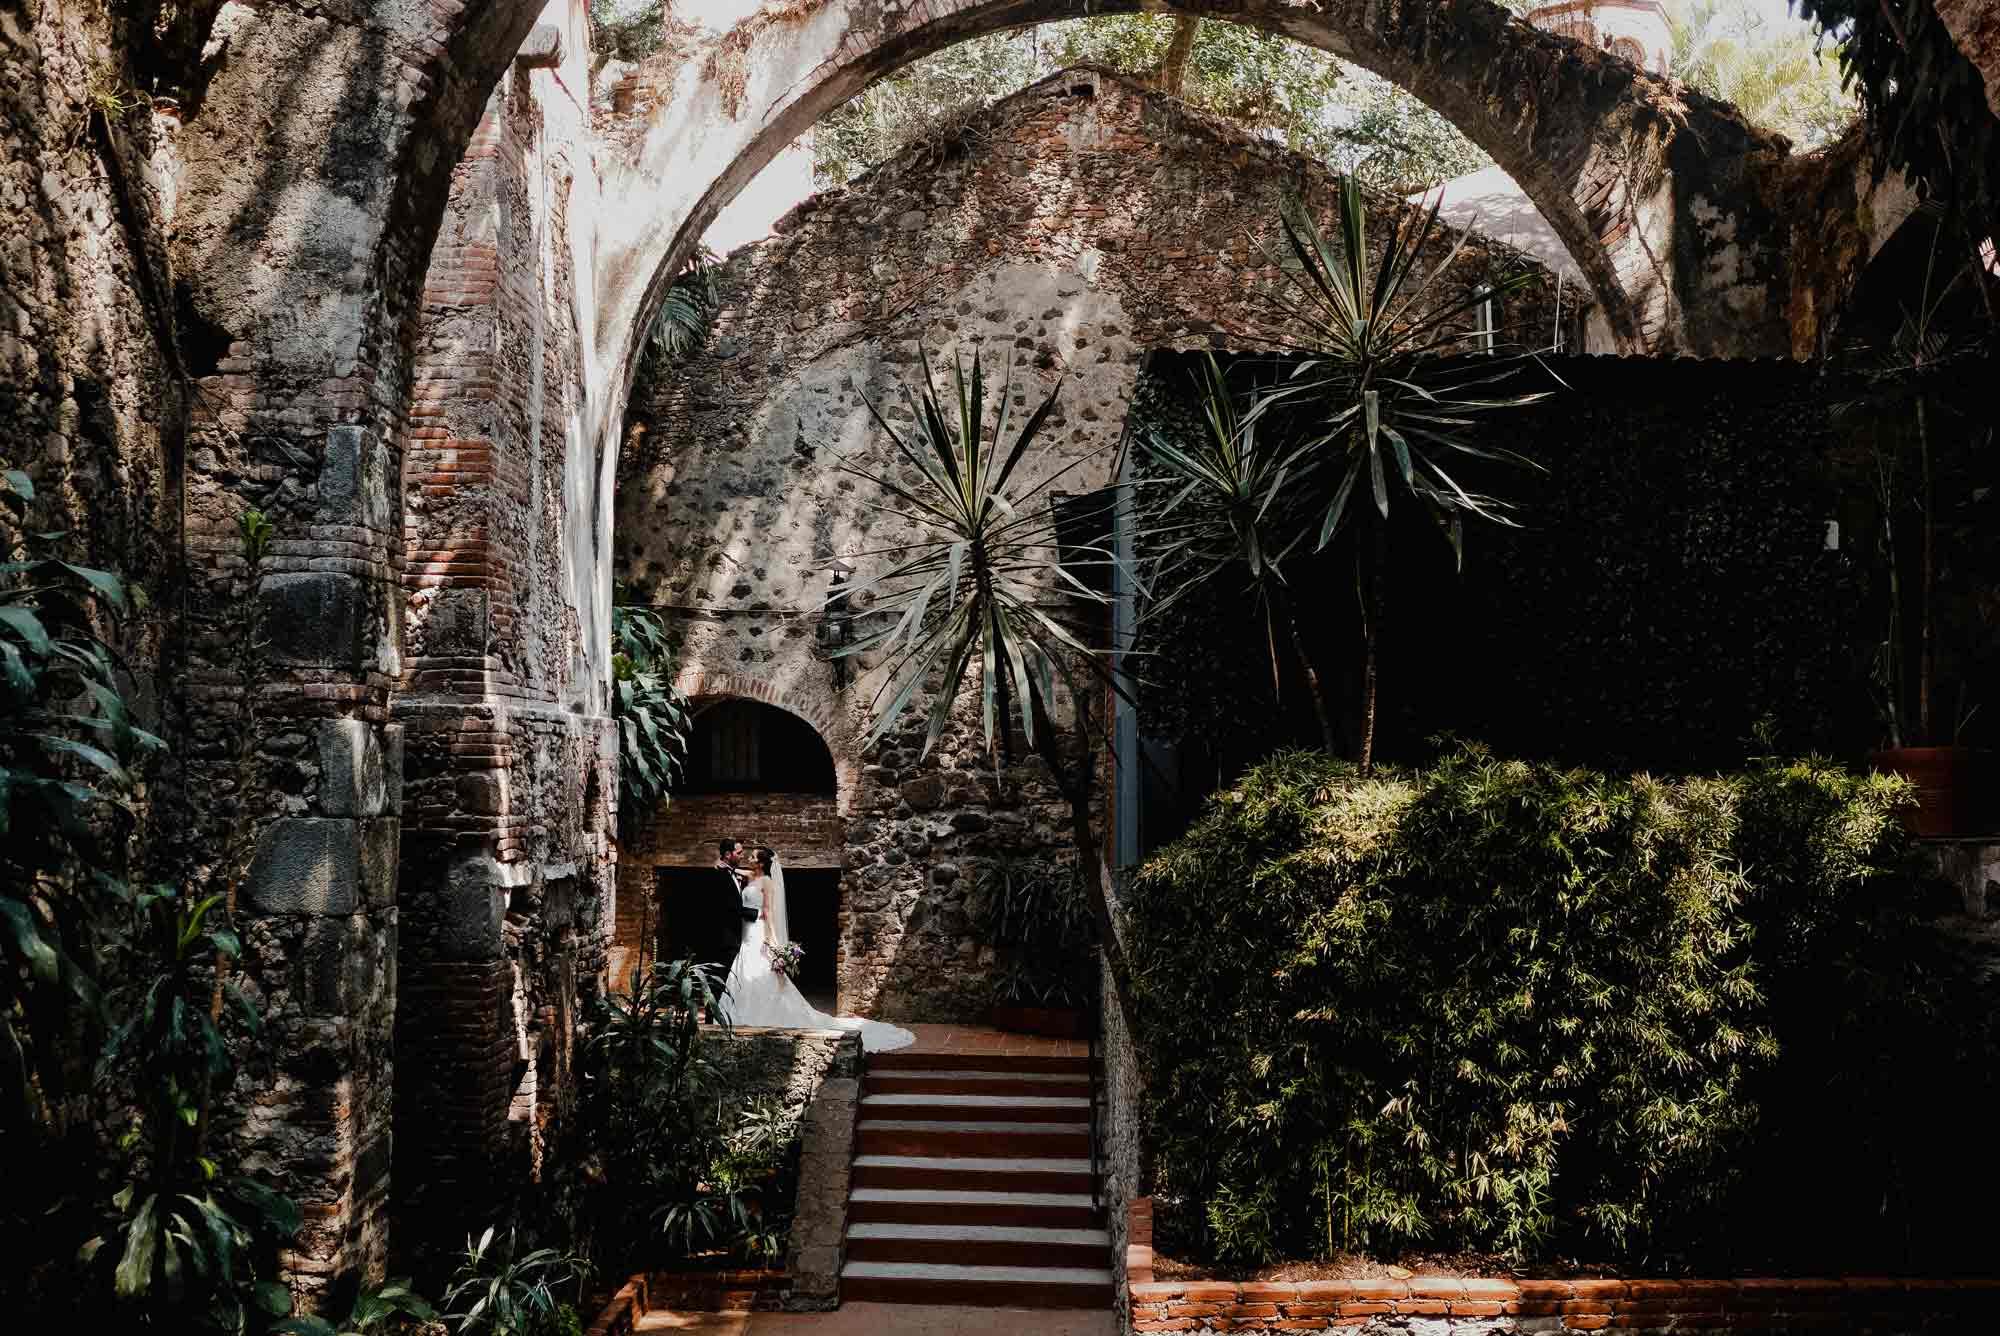 elena-barbosa--light-walkers-photografilm--workshops-cursos-de-fotografia-fotofest--saltillo-coahuila--mx2